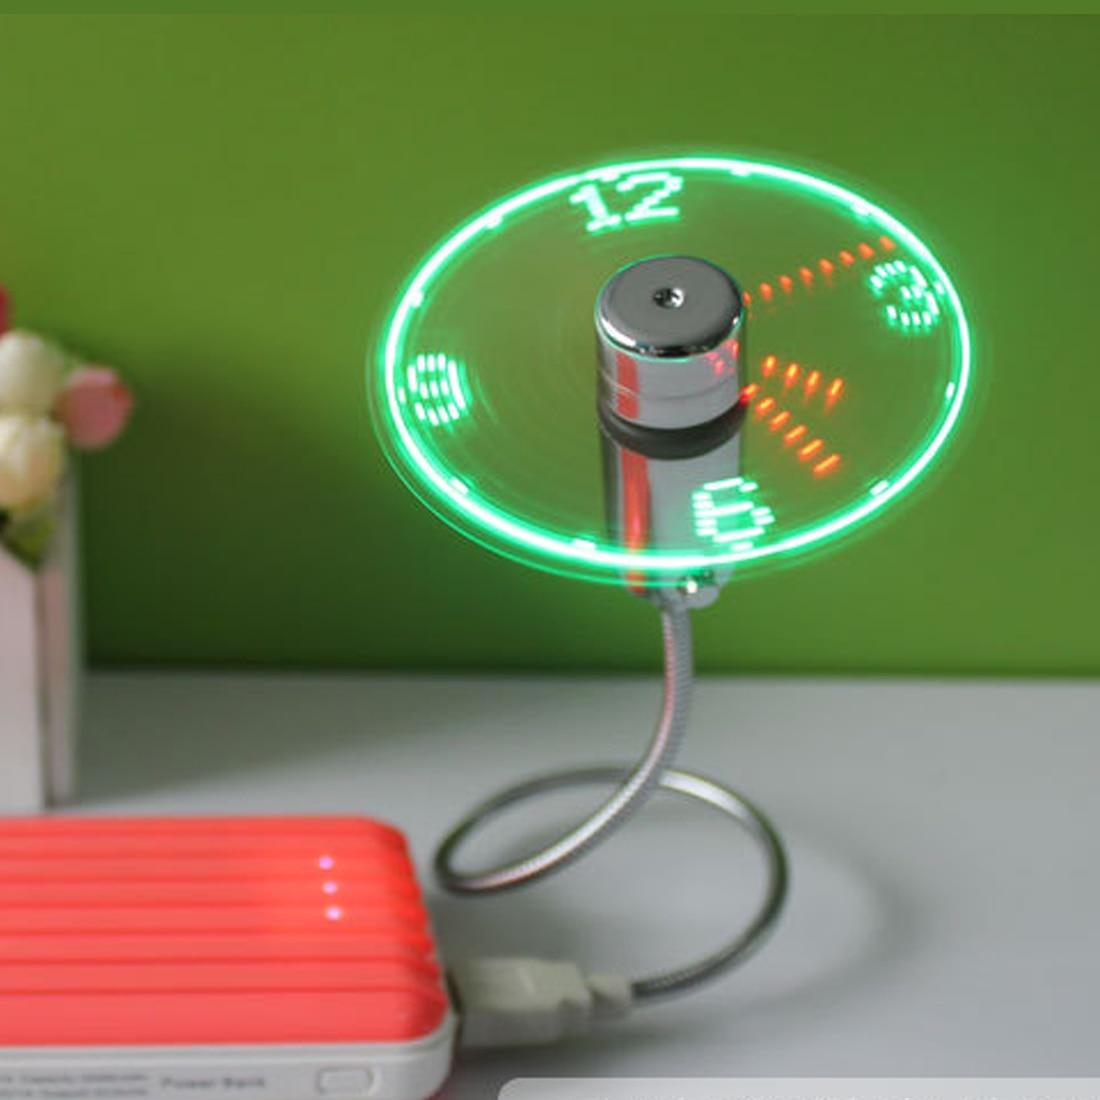 NOYOKERE Heißer Mini USB Fan gadgets Flexible Schwanenhals LED Uhr Coole Für laptop PC Notebook Zeitanzeige hochwertige Einstellbare